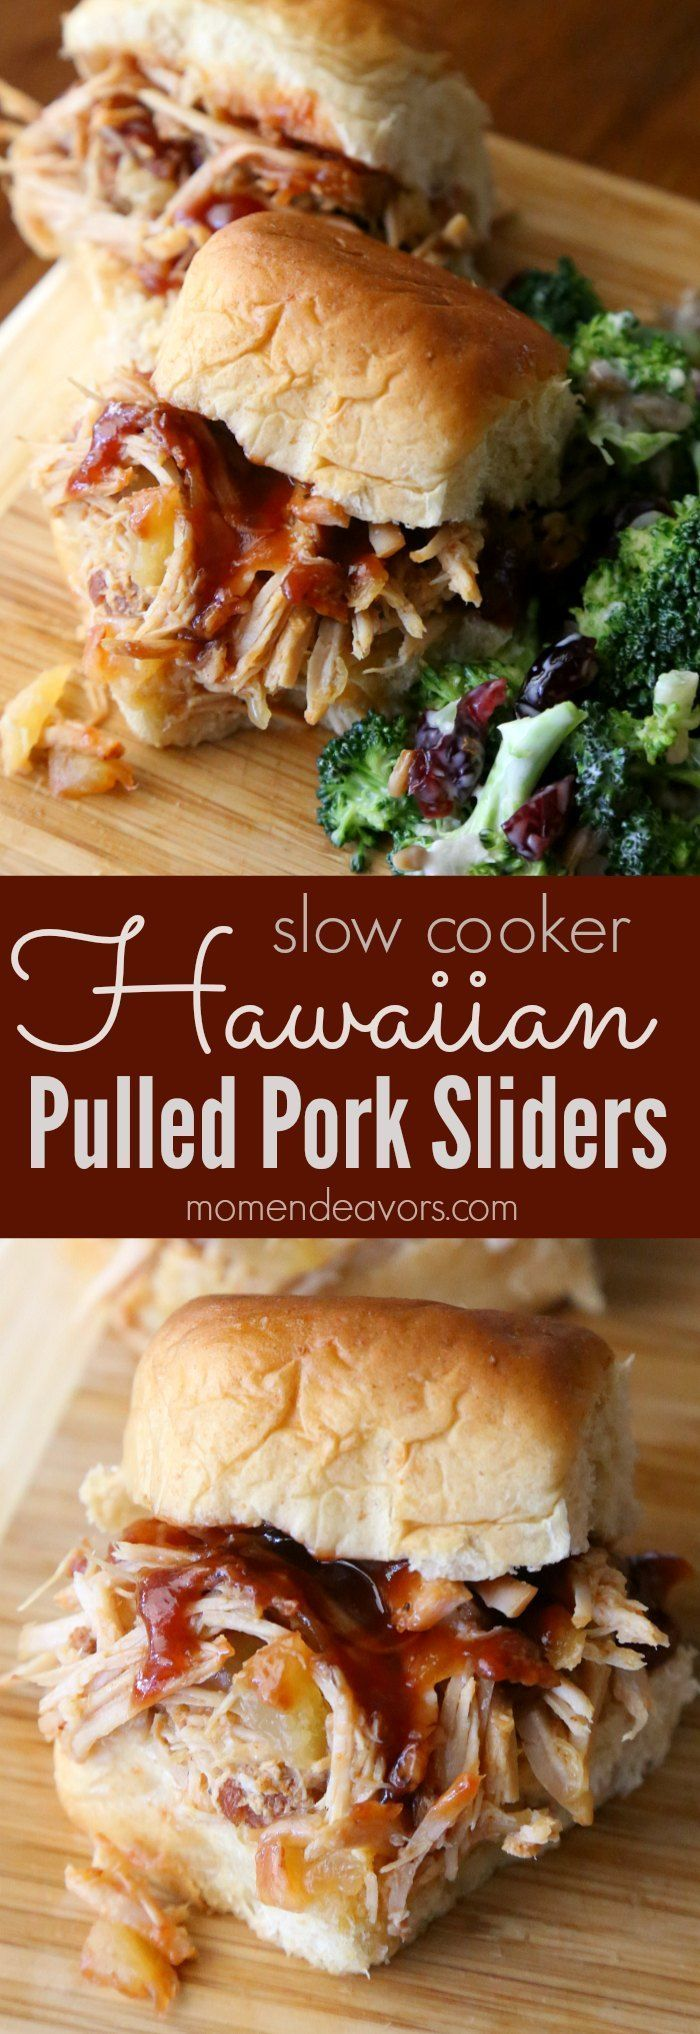 Hawaiian Pulled Pork Recipe: Slow Cooker Hawaiian Pulled Pork Sliders